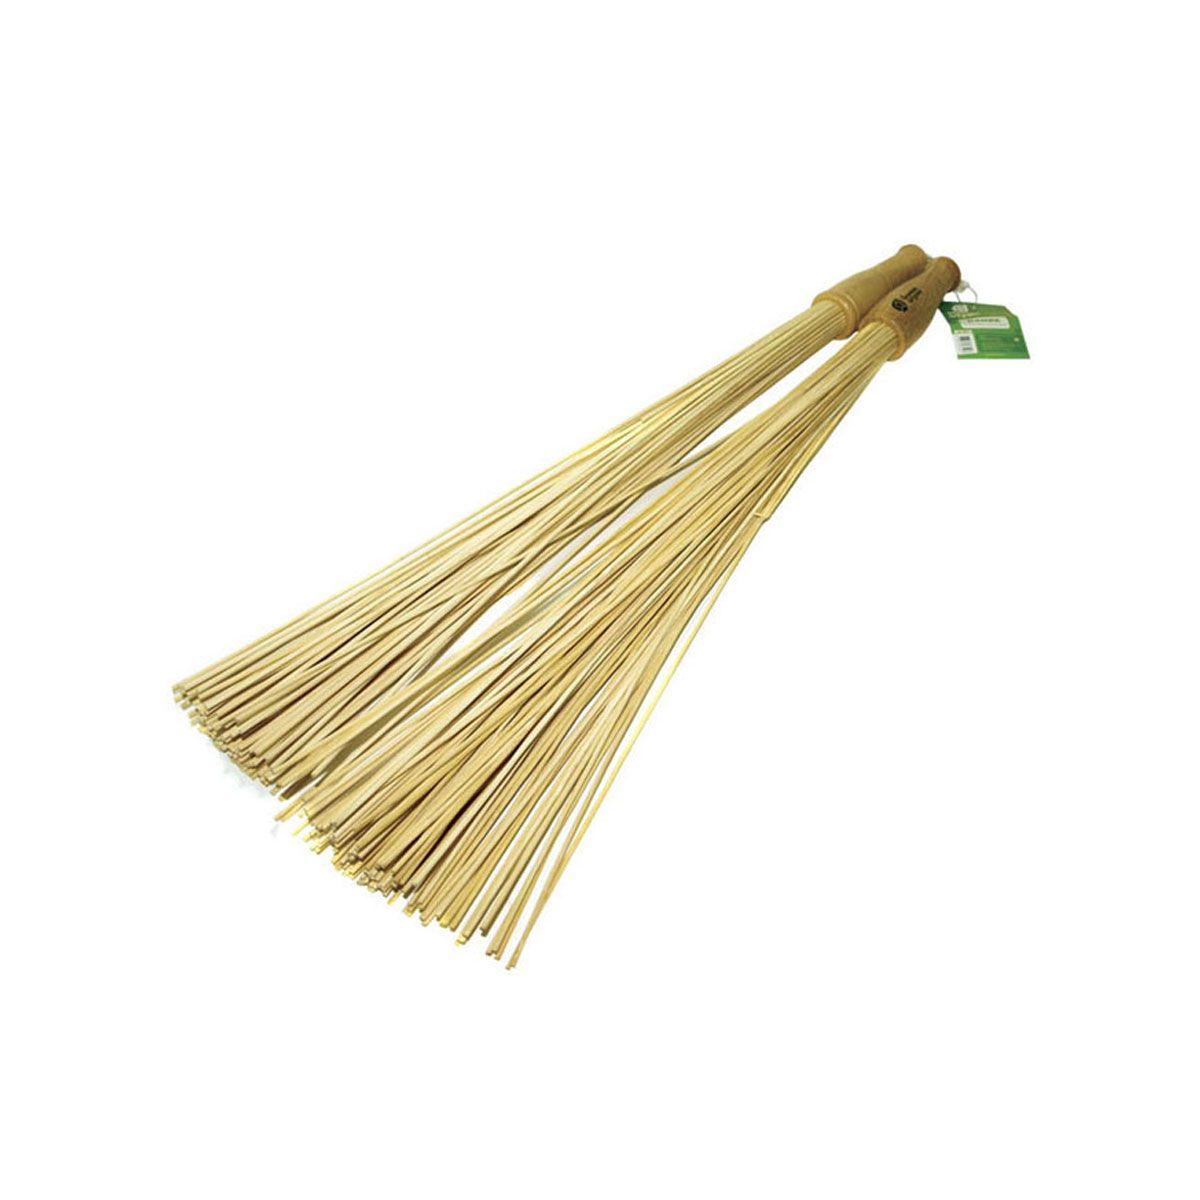 Бамбуковый веник для бани: как правильно пользоваться для массажа? плюсы и минусы. можно ли использовать его самостоятельно?